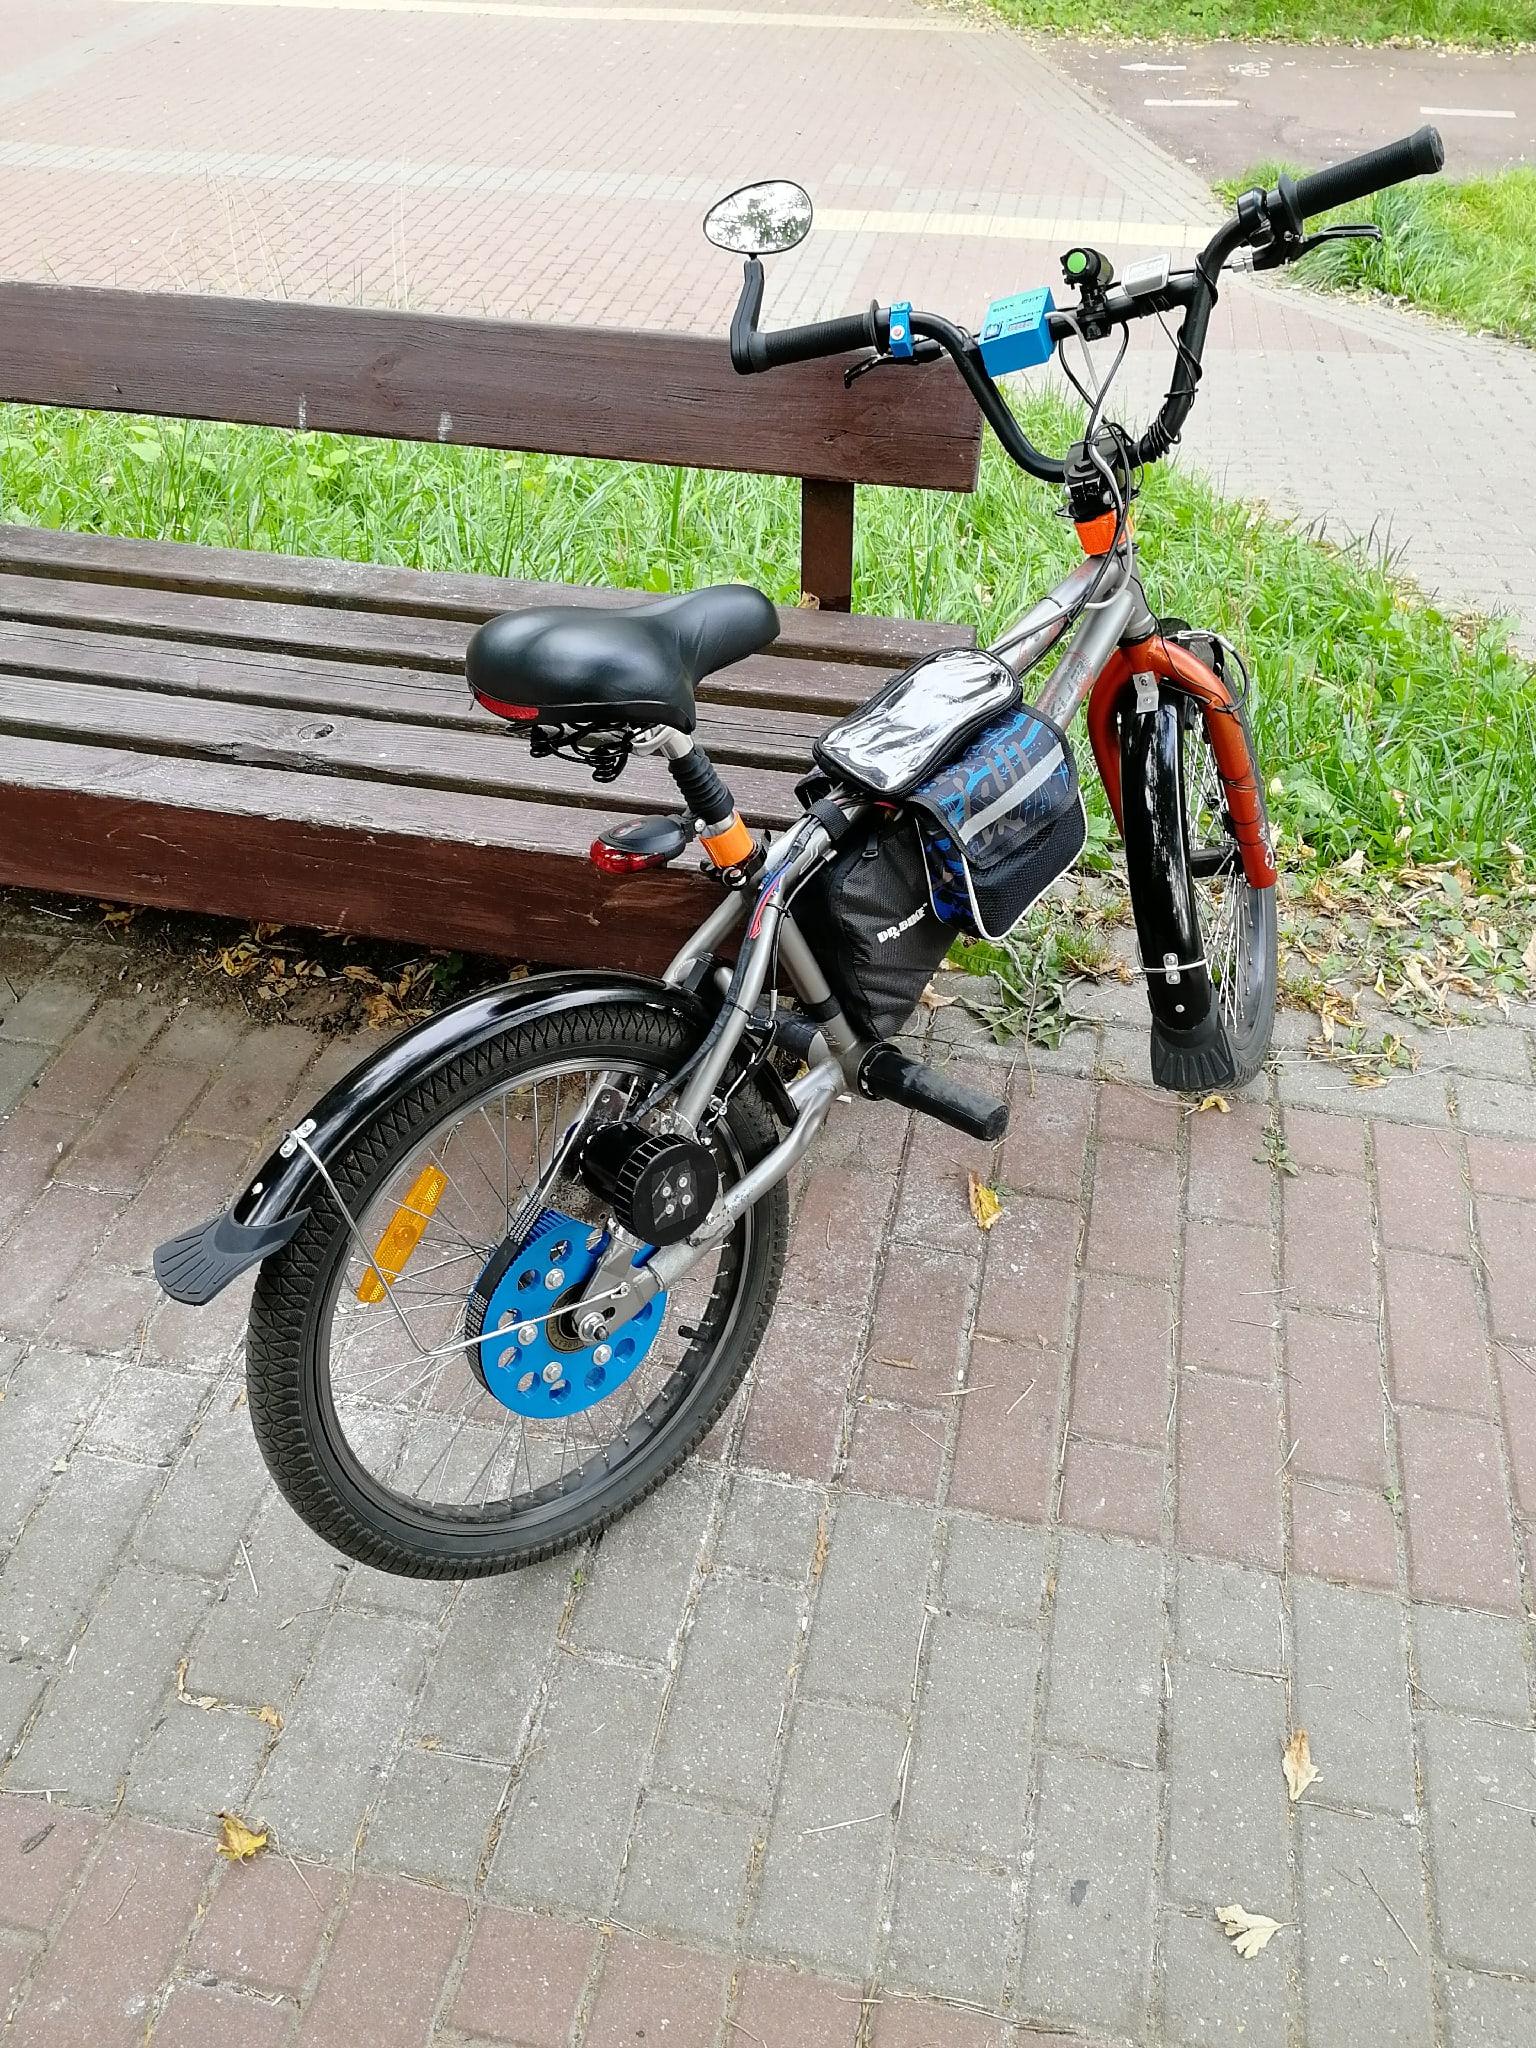 Велосипед с разной размерностью колес ;)